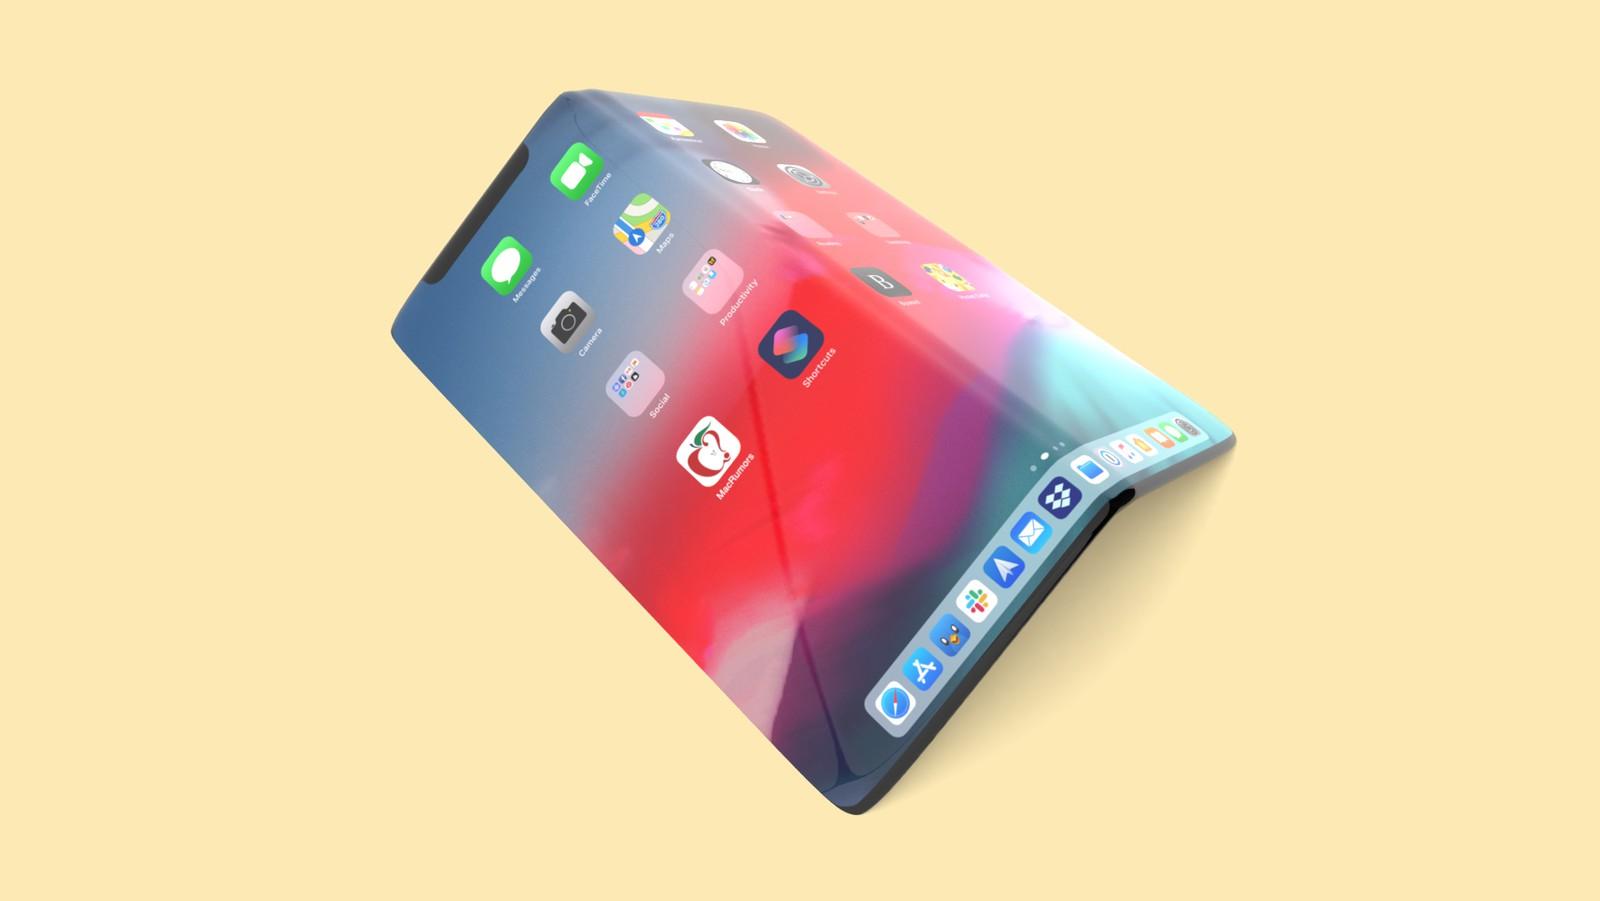 Mẫu thiết kế giả lập của iPhone màn hình gập ra mắt 2023. Ảnh: Macrumors